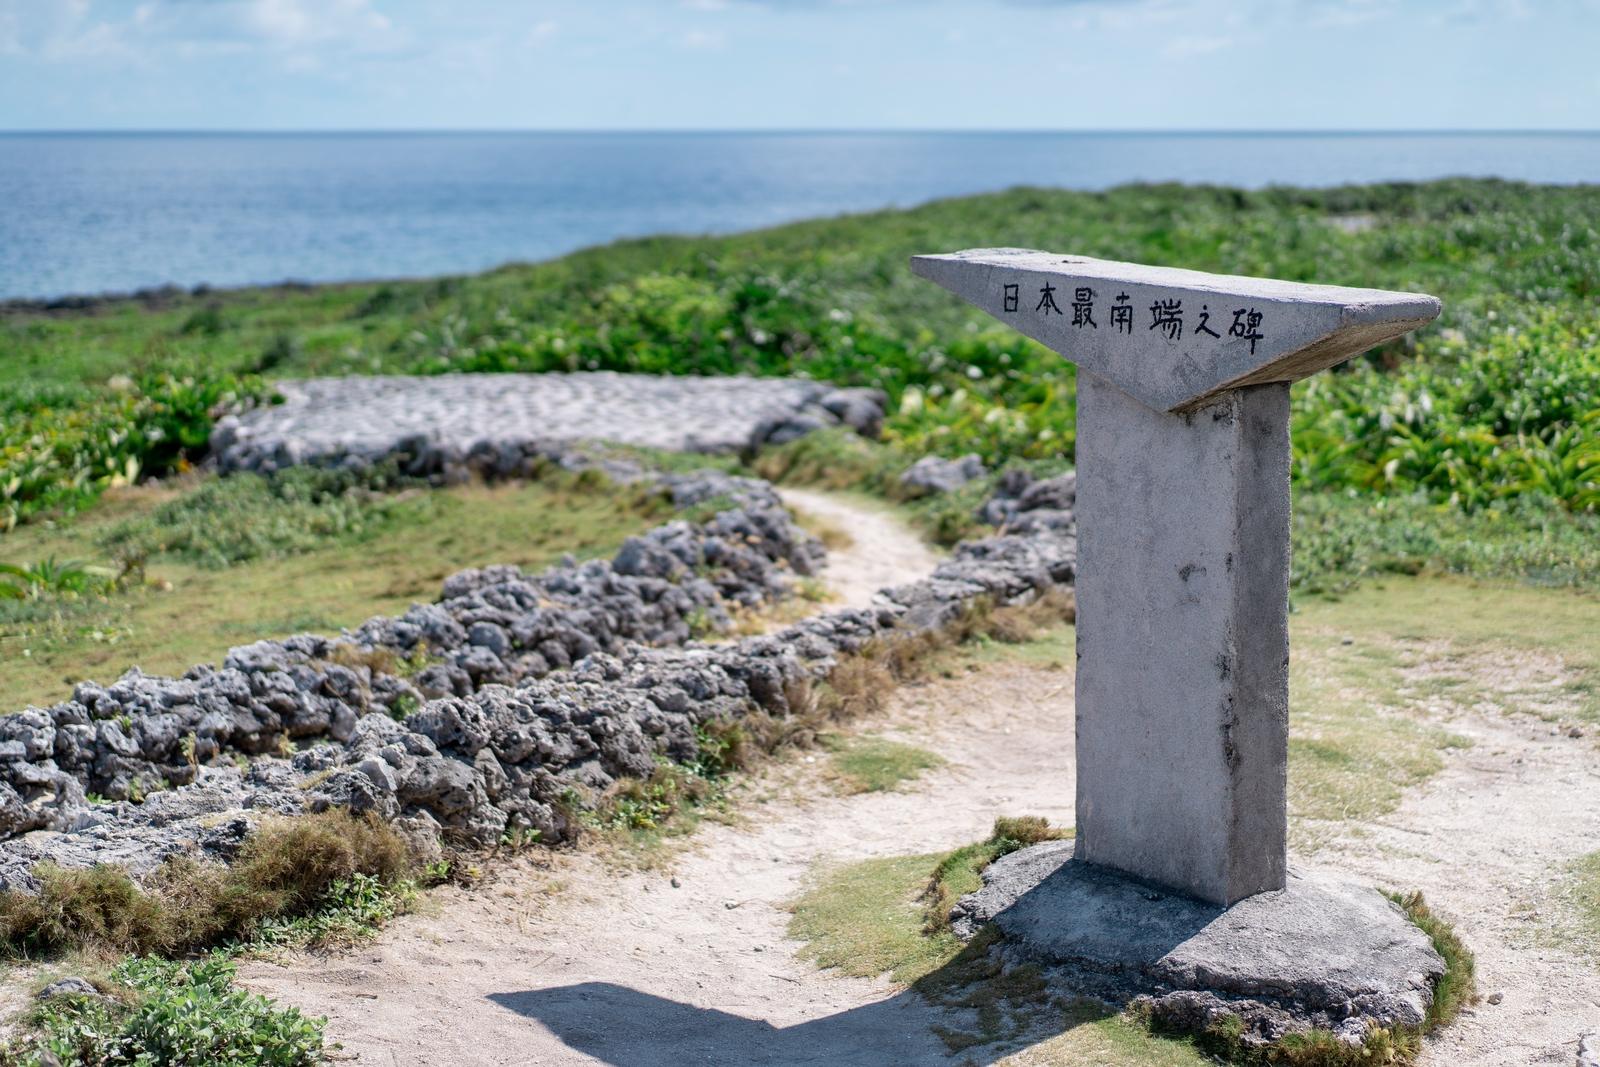 『波照間島』の撮影スポット